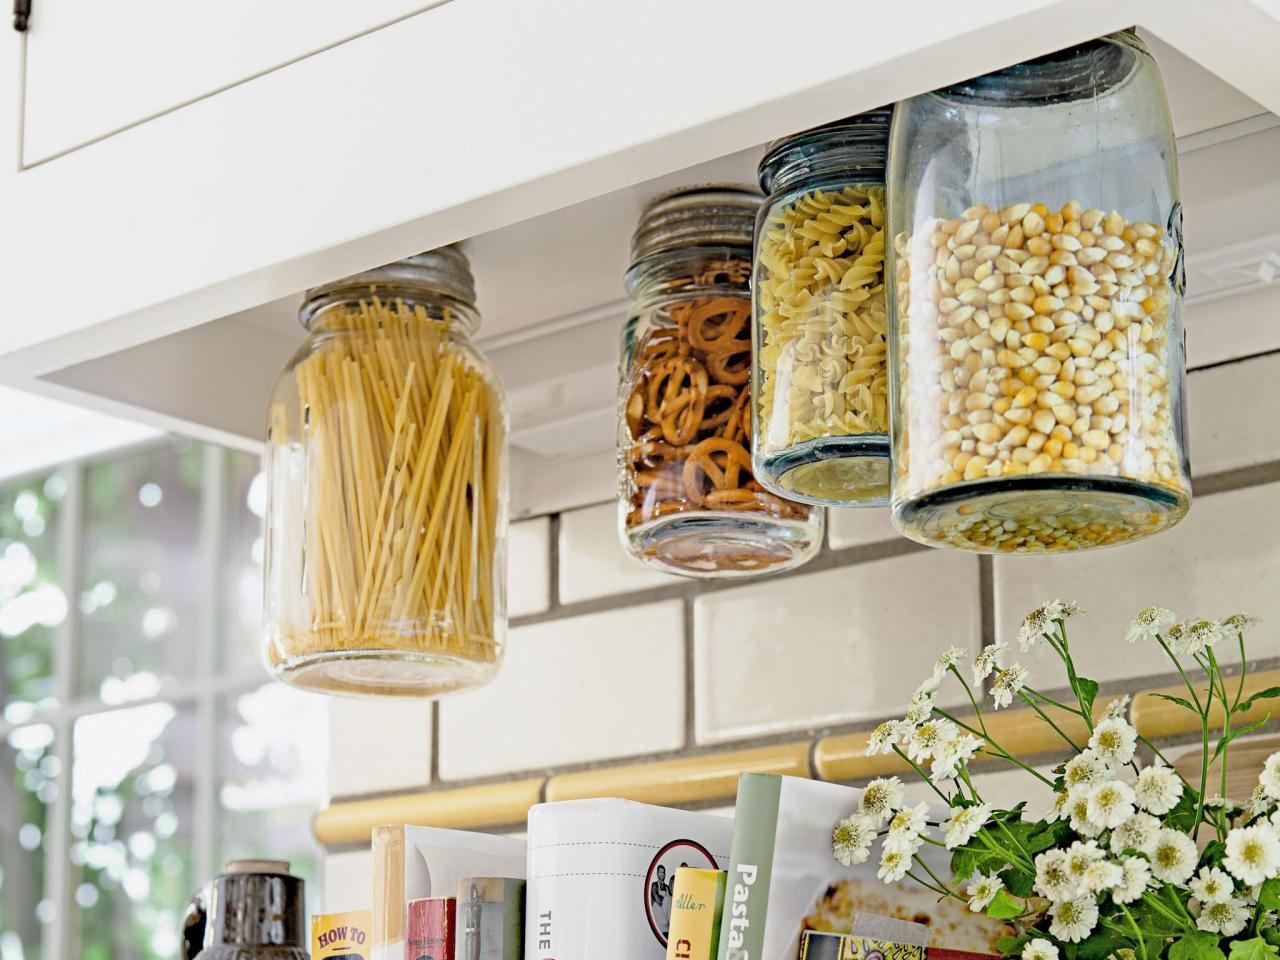 18 functional kitchen storage and organization ideas kitchen organization ideas 18 Functional Kitchen Storage and Organization Ideas